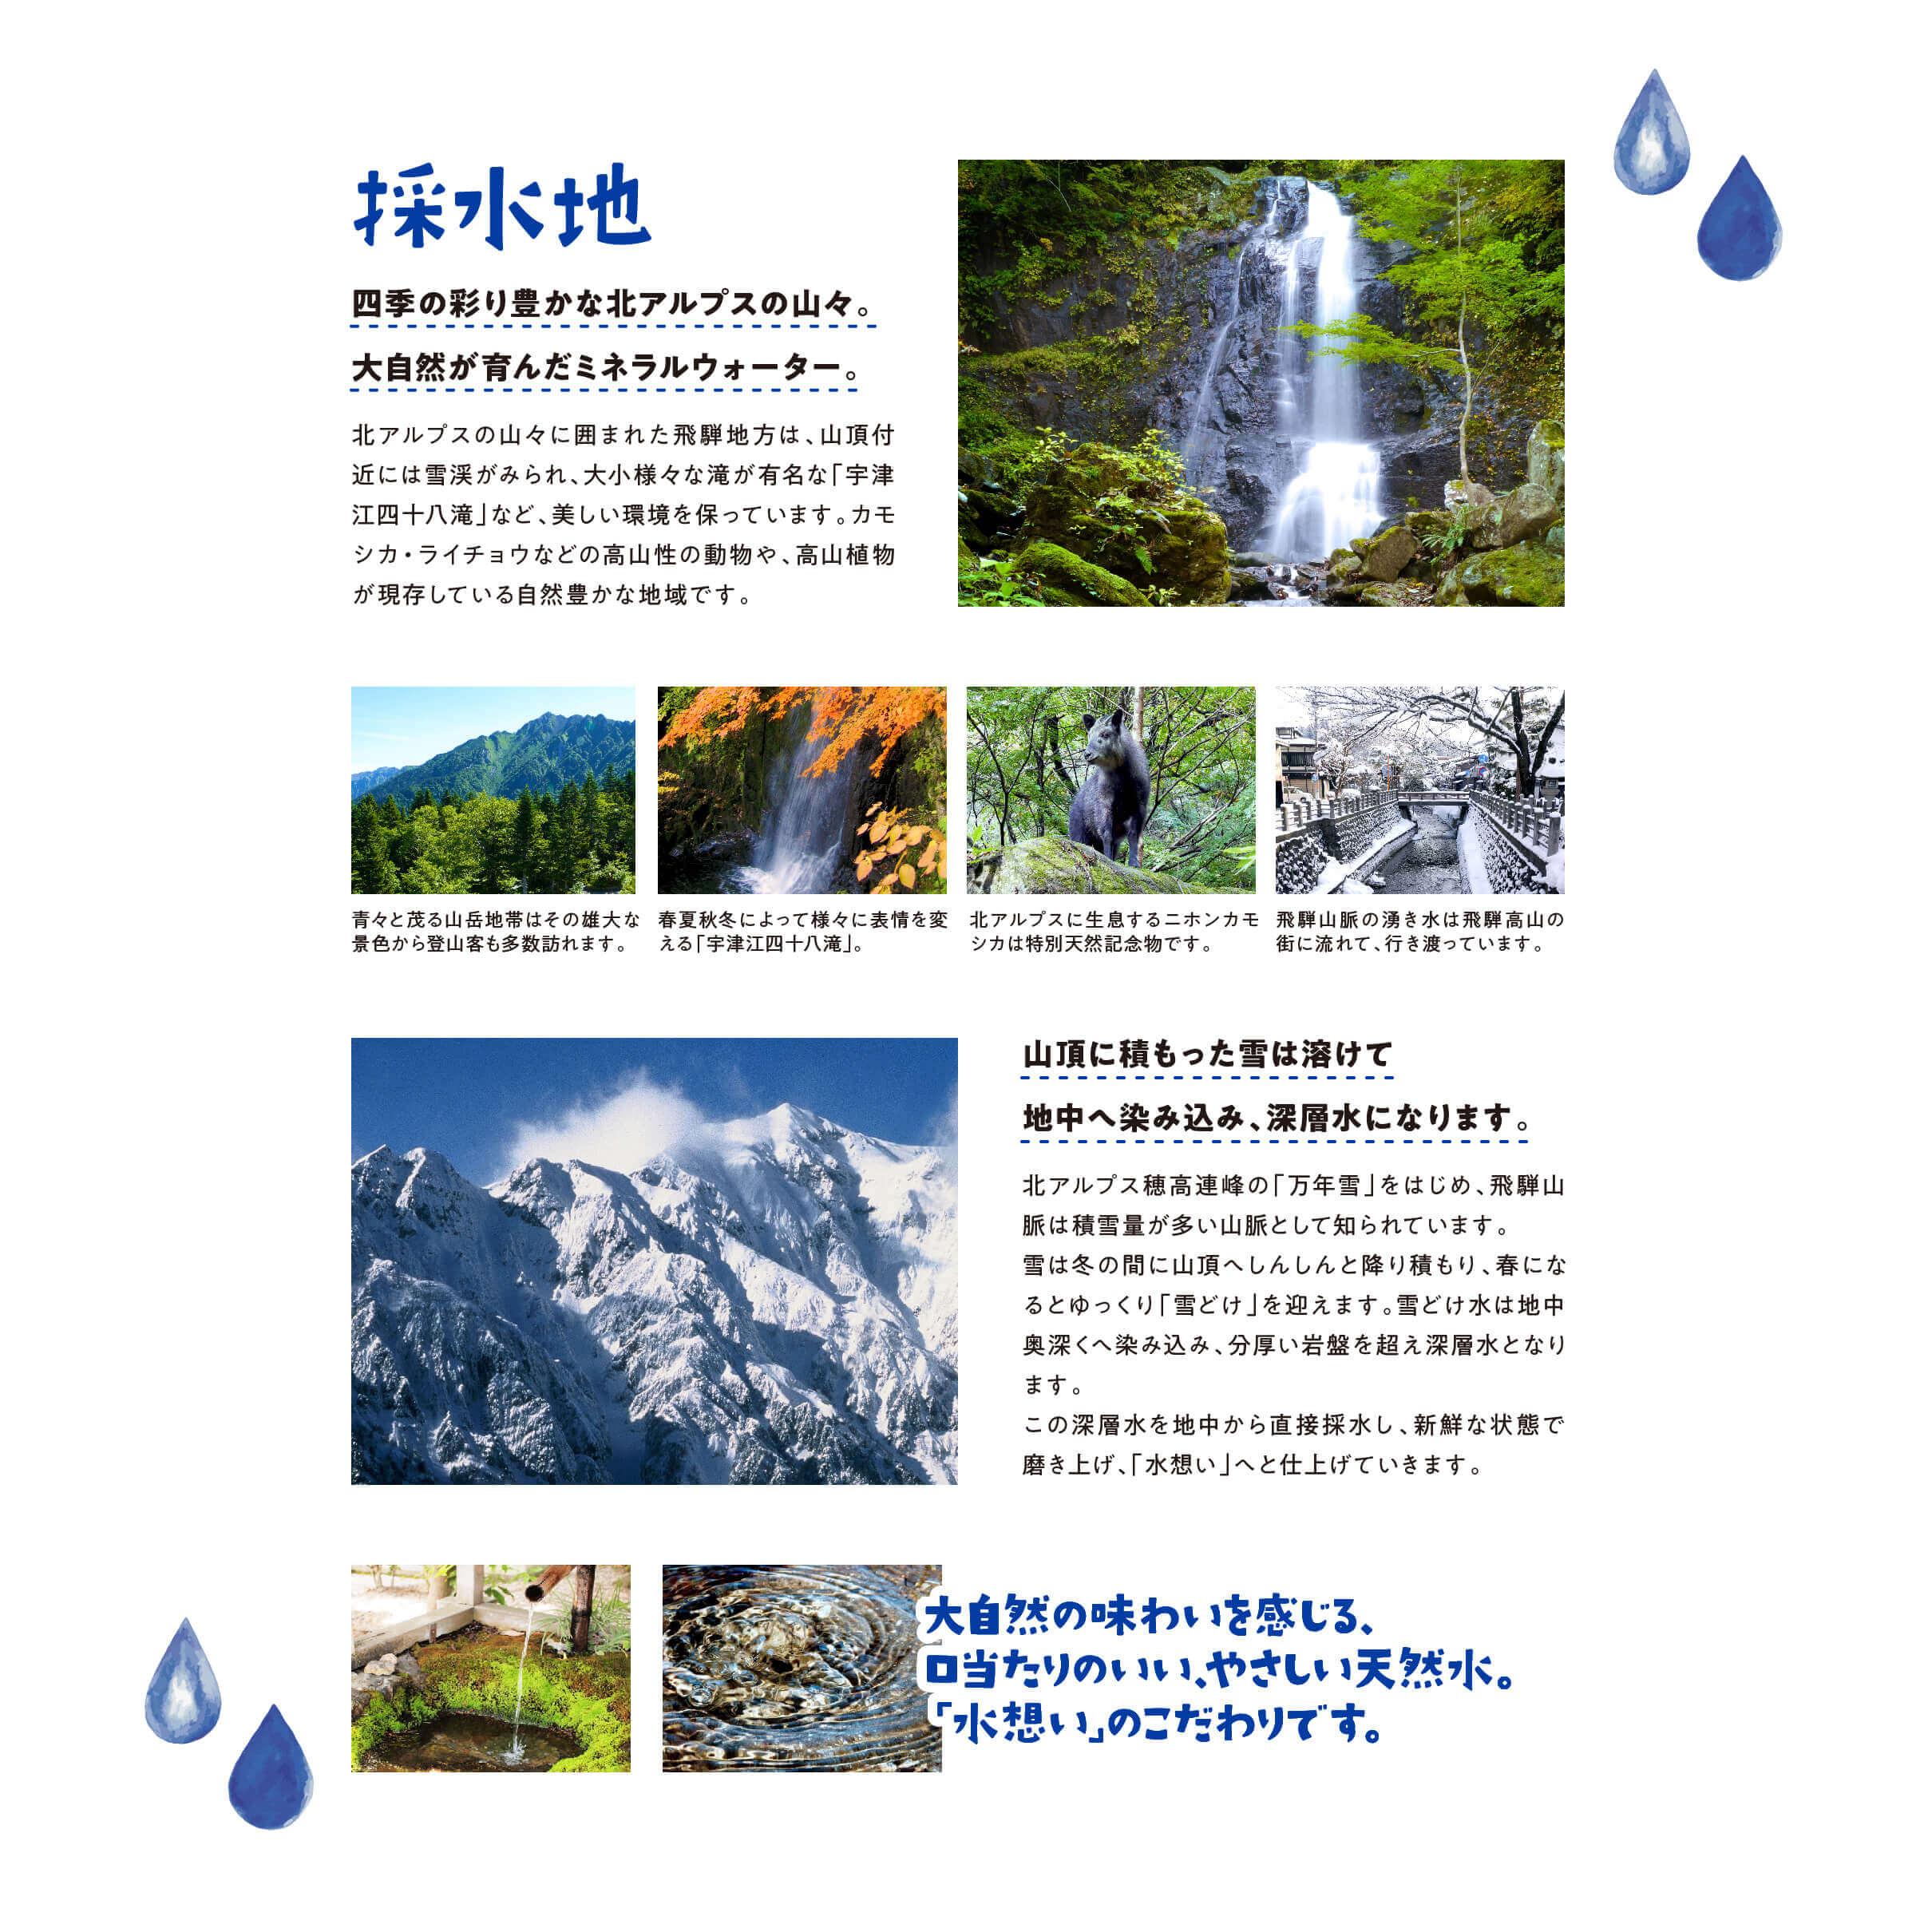 採水地 四季の彩豊かな北アルプスの山々。大自然が育んだミネラルウォーター。